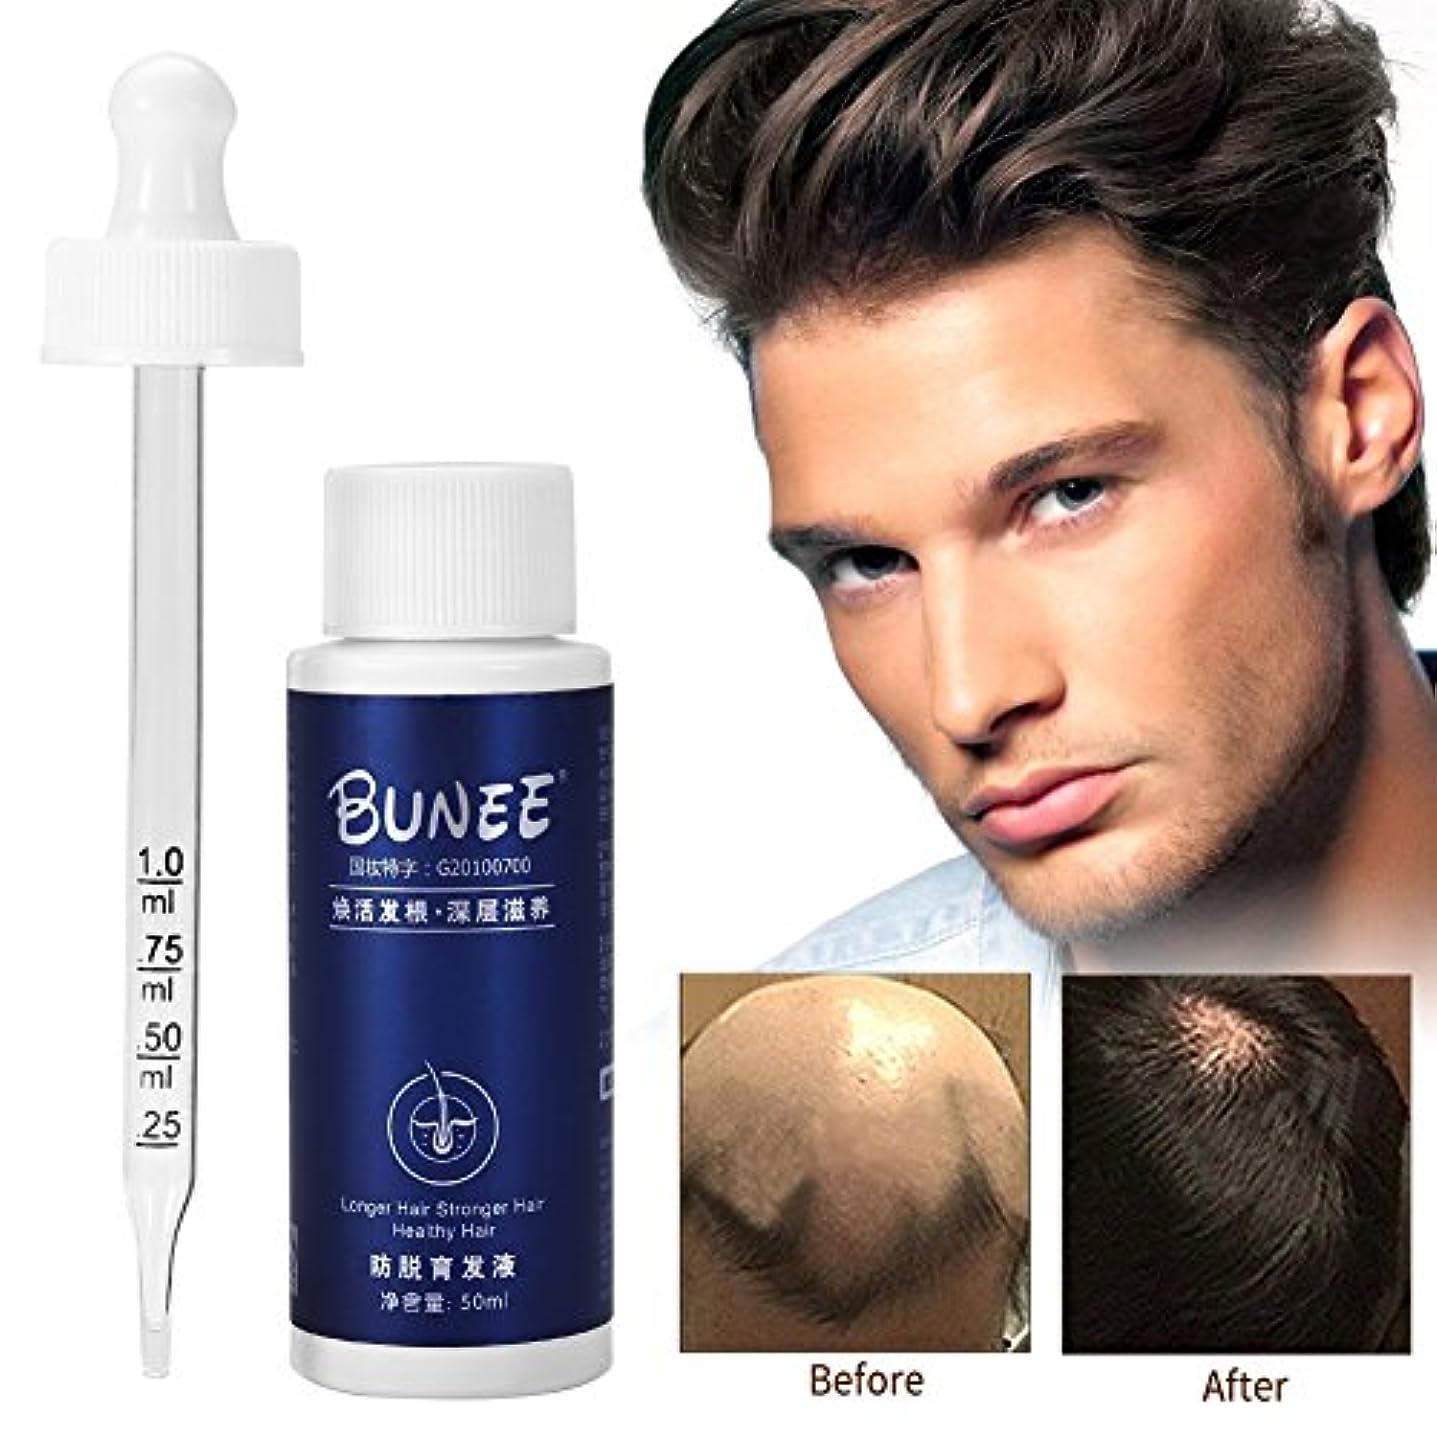 旅客ポジション頑固な育毛オイル、液体育毛剤増粘剤天然植物エキス血清、高速発毛製品エッセンスが発毛を促進し、脱毛を防ぎ、薄毛、はげ